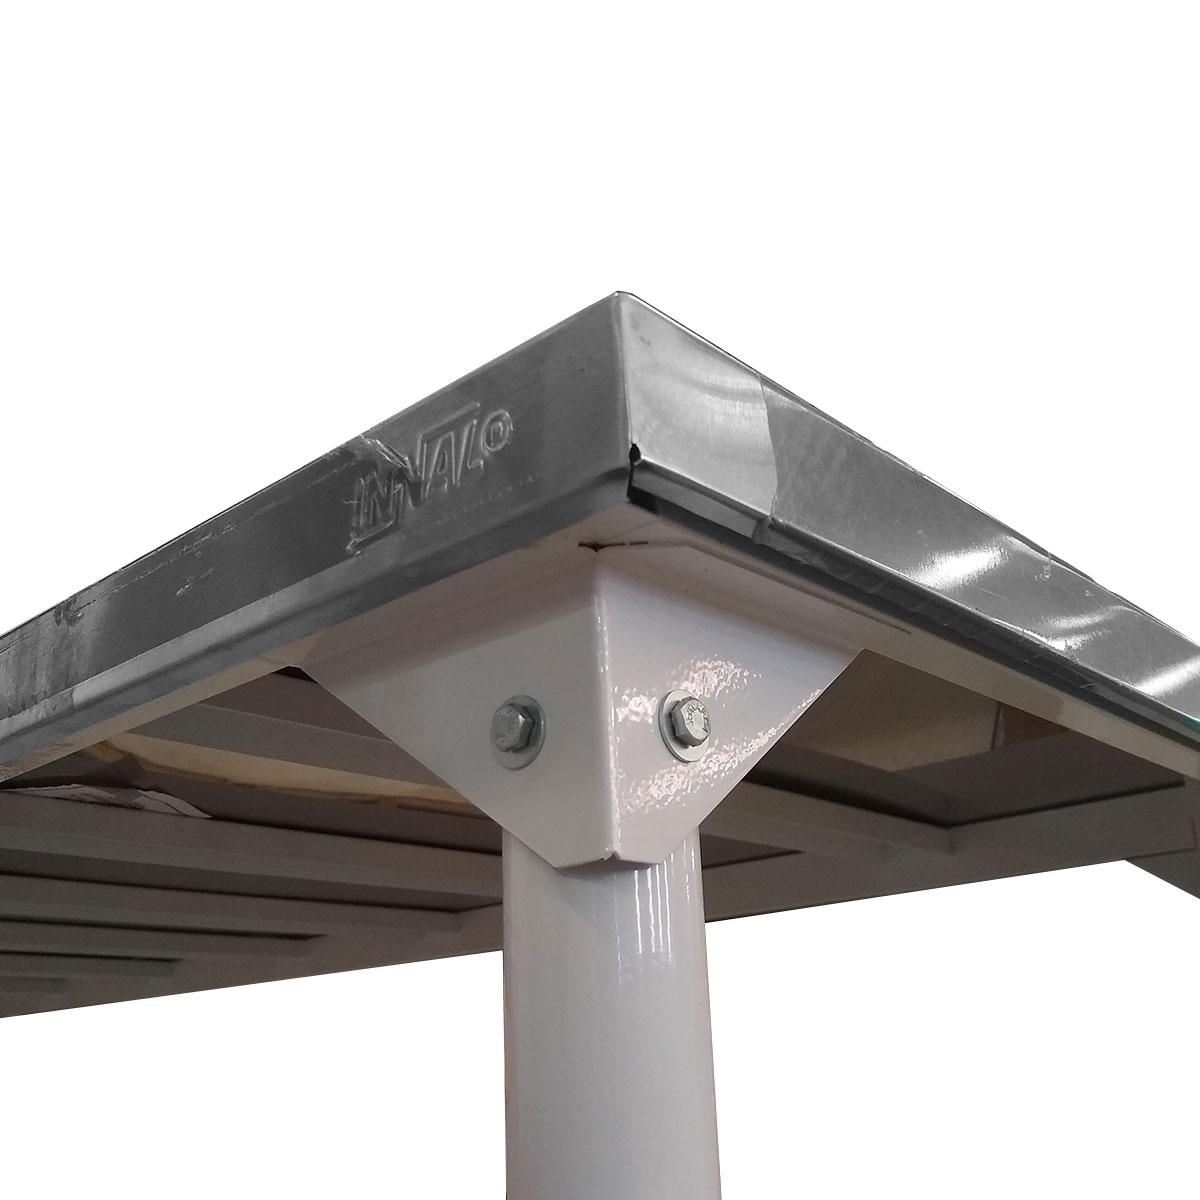 Mesa Em Inox Innal 100x70 com Prateleira Grade - Innal  - Carmel Equipamentos